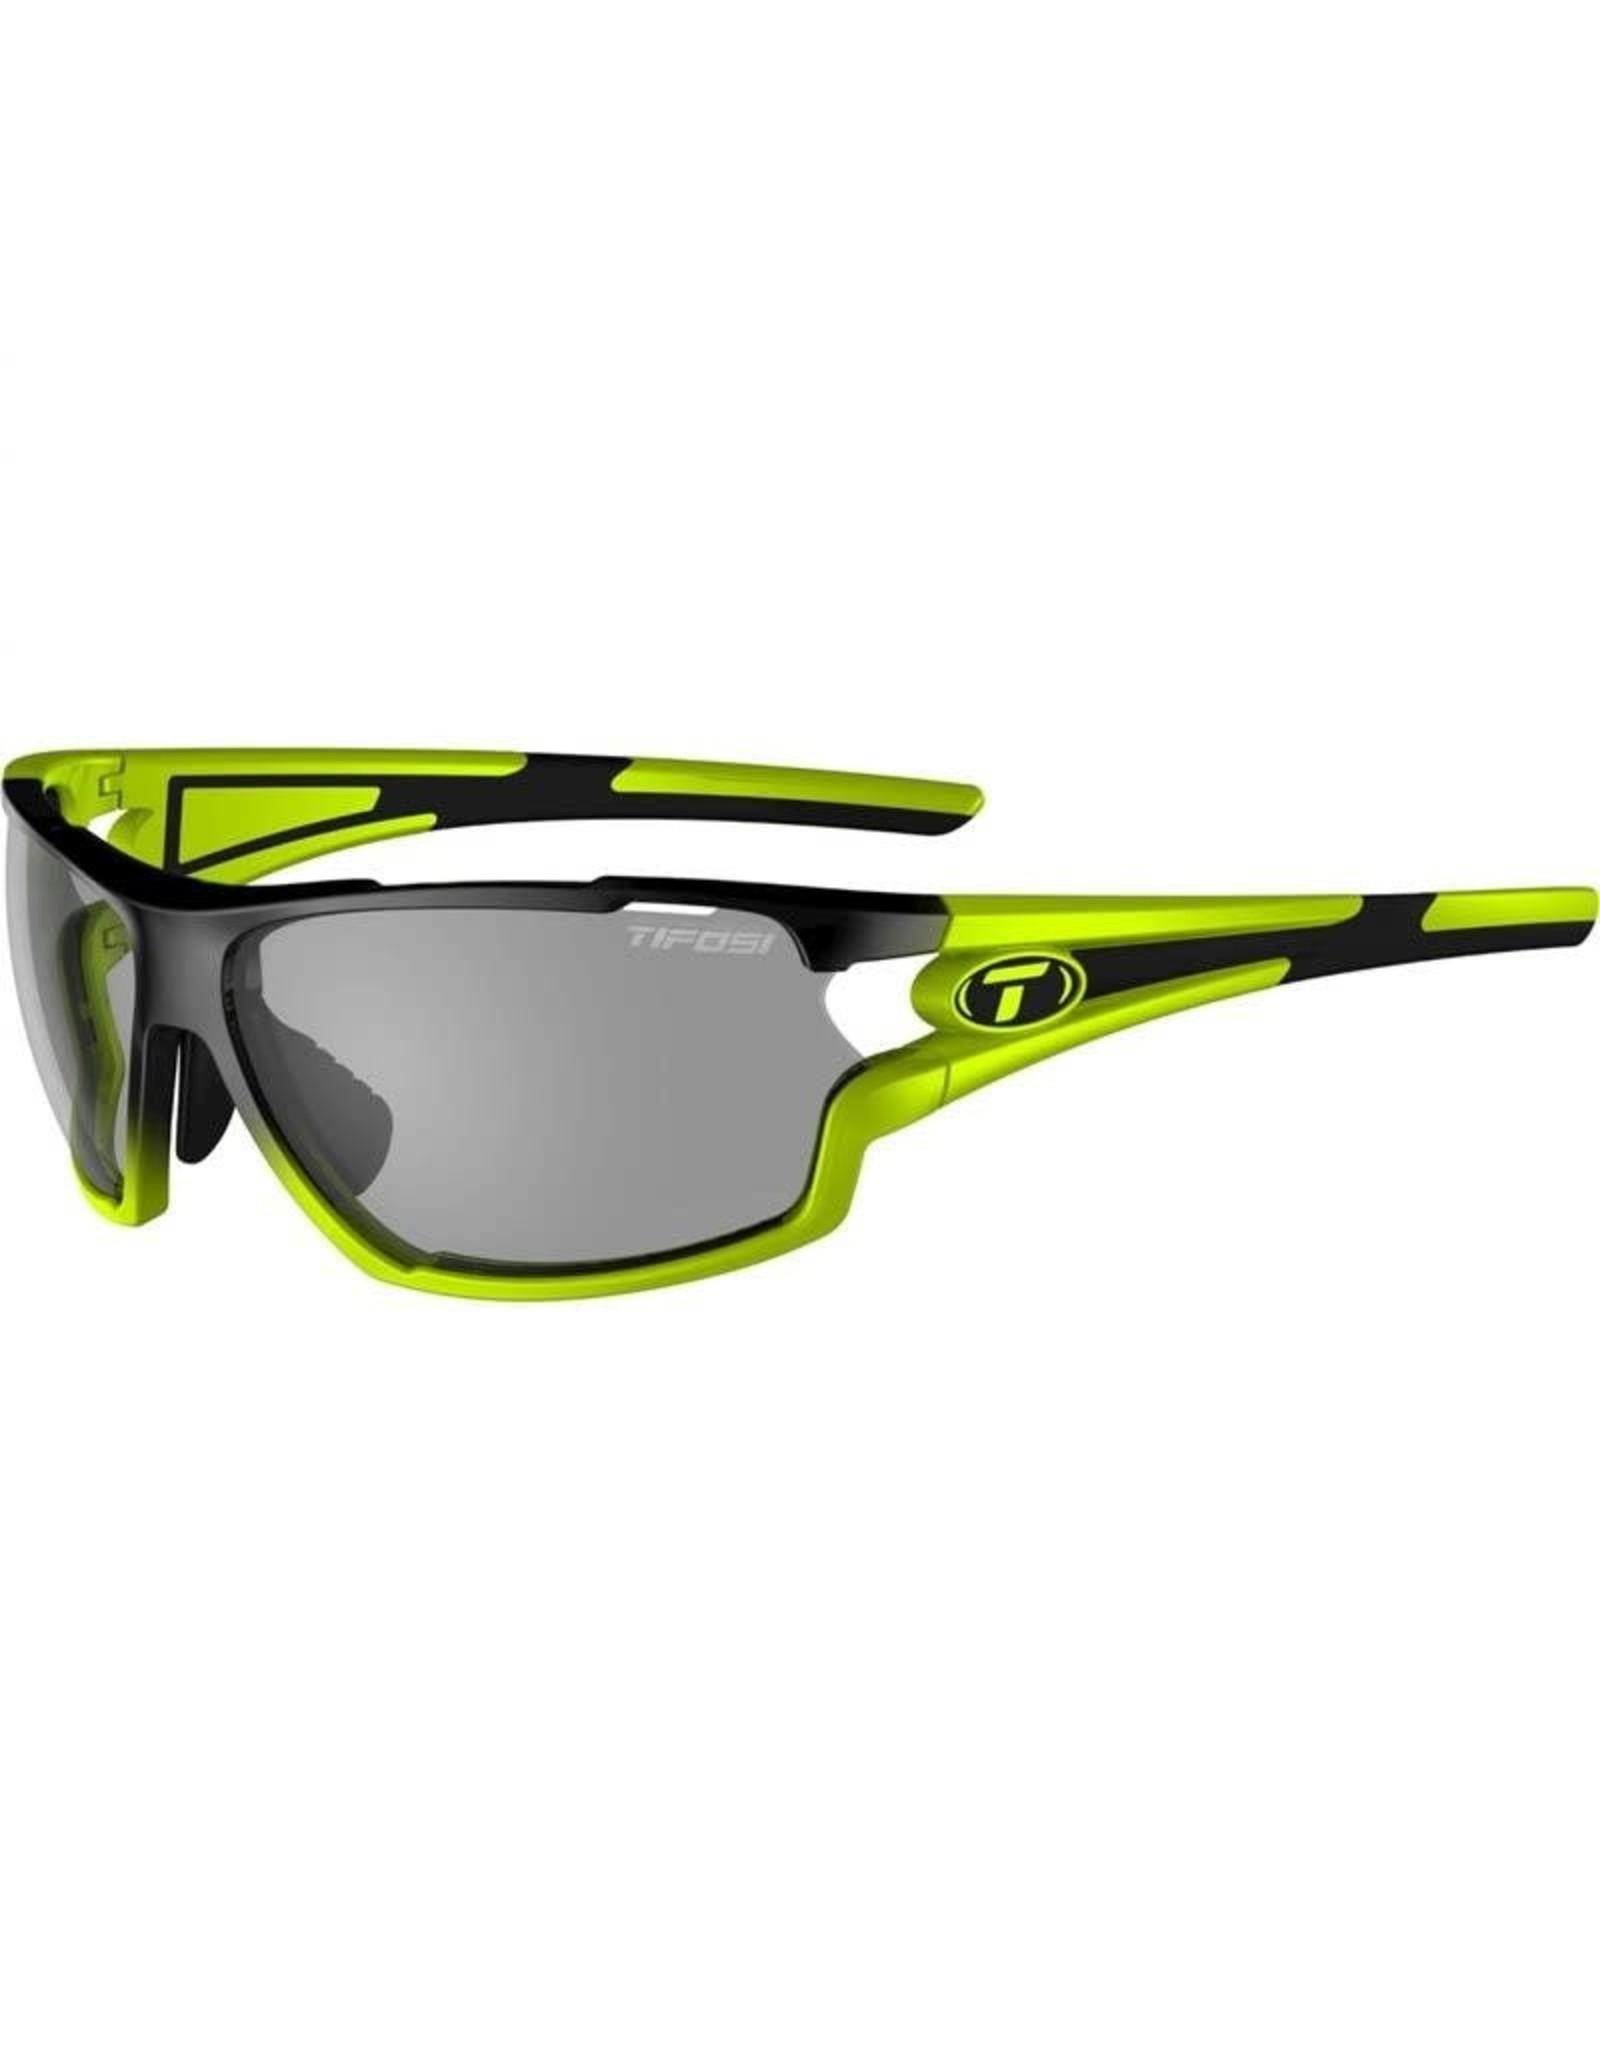 TIFOSI OPTICS Sunglasses Tifosi Amok Race Neon